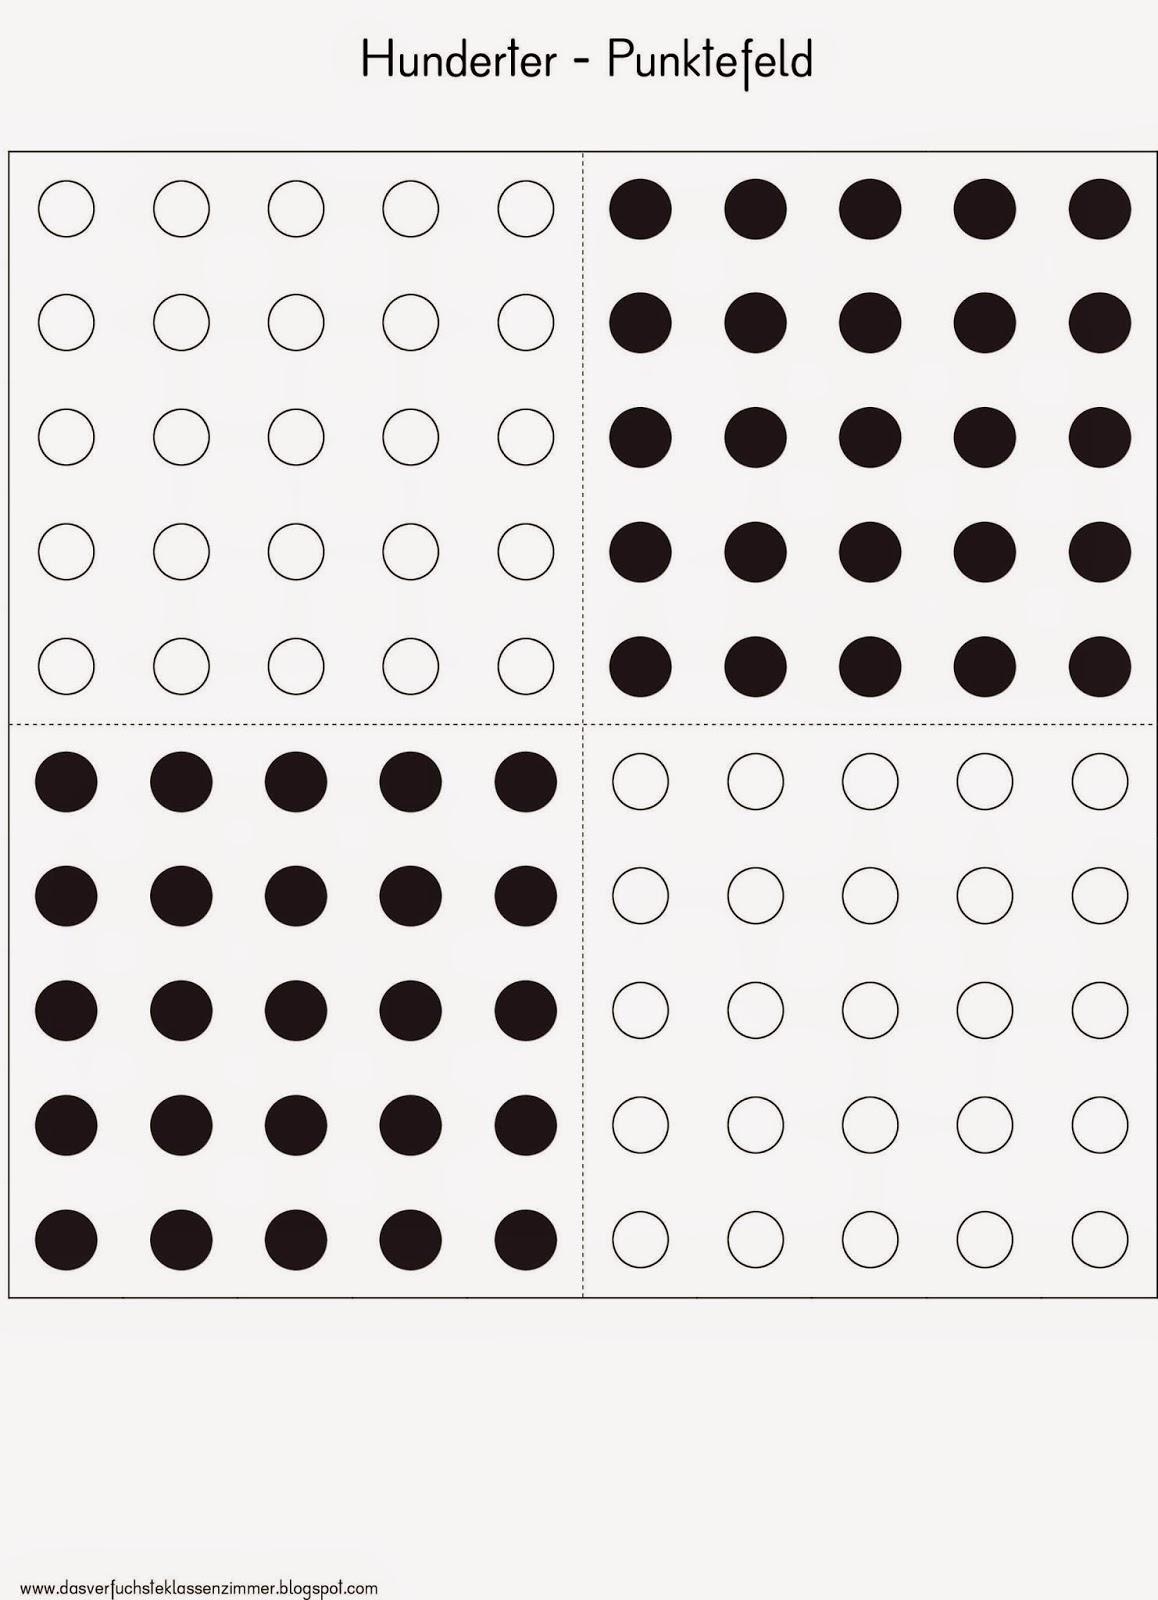 Das verfuchste Klassenzimmer: Hunderter Punktefeld